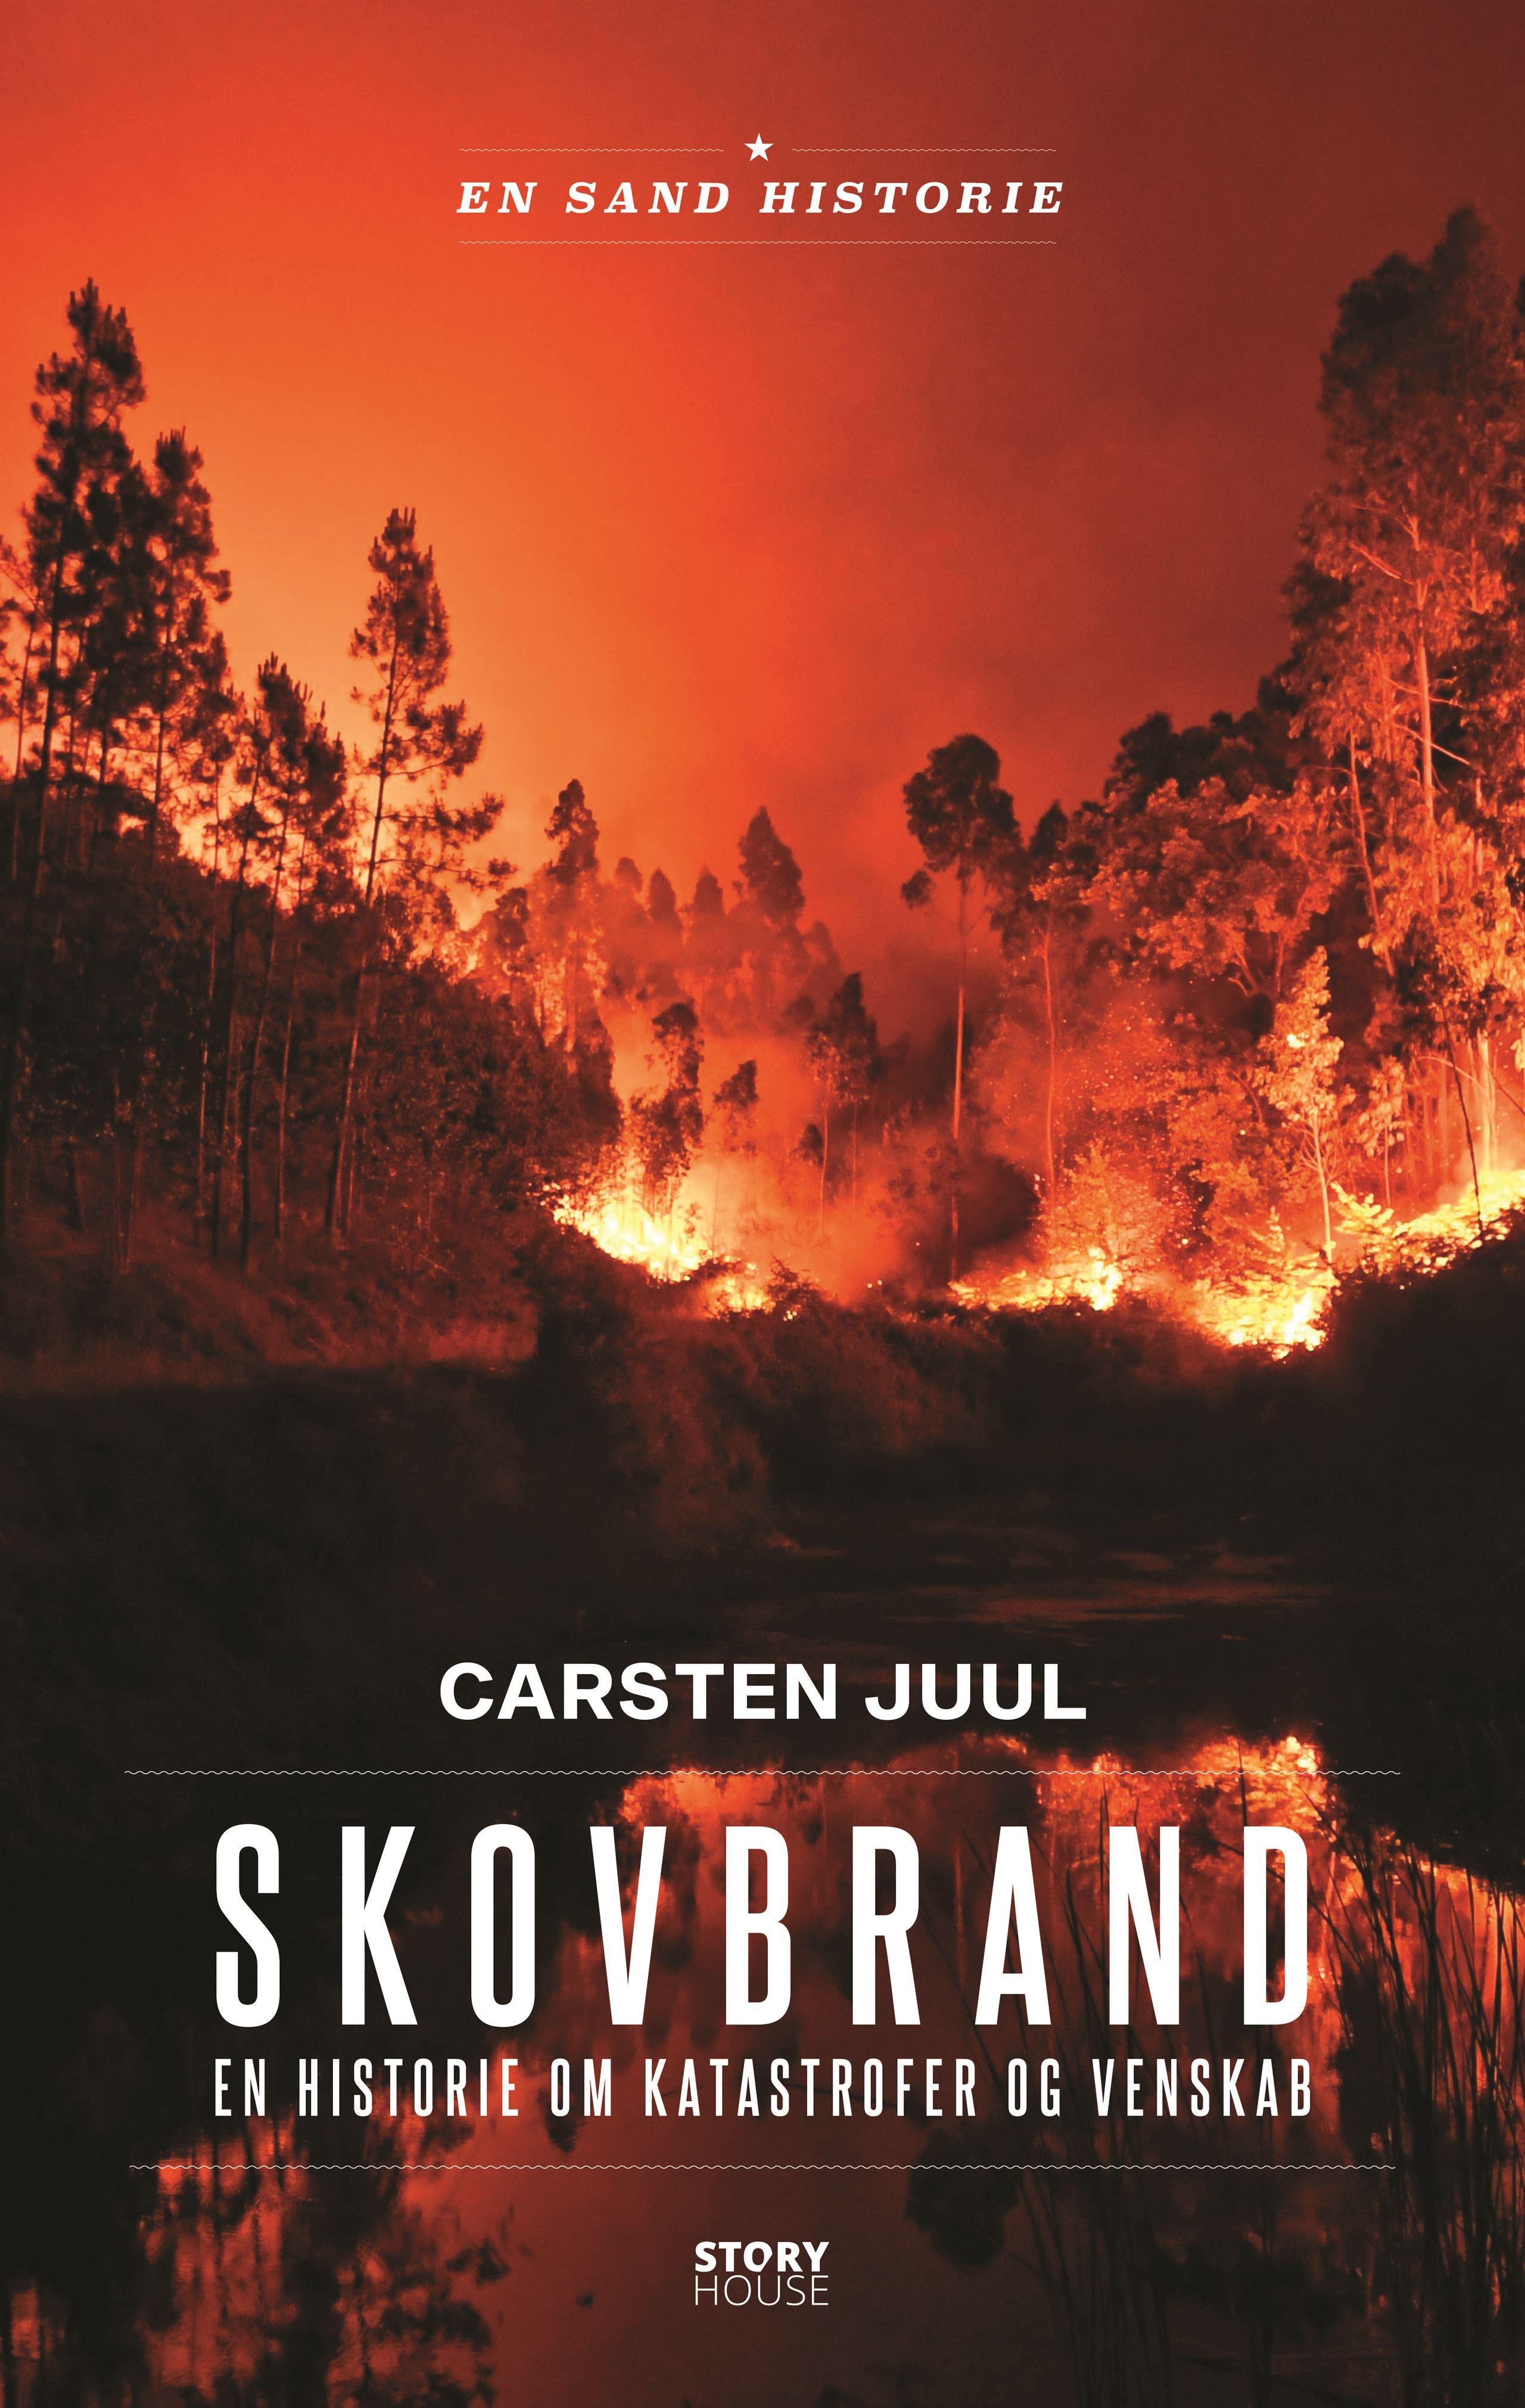 Skovbrand, en sand historie, en sand fortælling, ild, flammer, katastrofer, venskab, true story, virkelige hændelser, storyhouse, carsten juul, australien